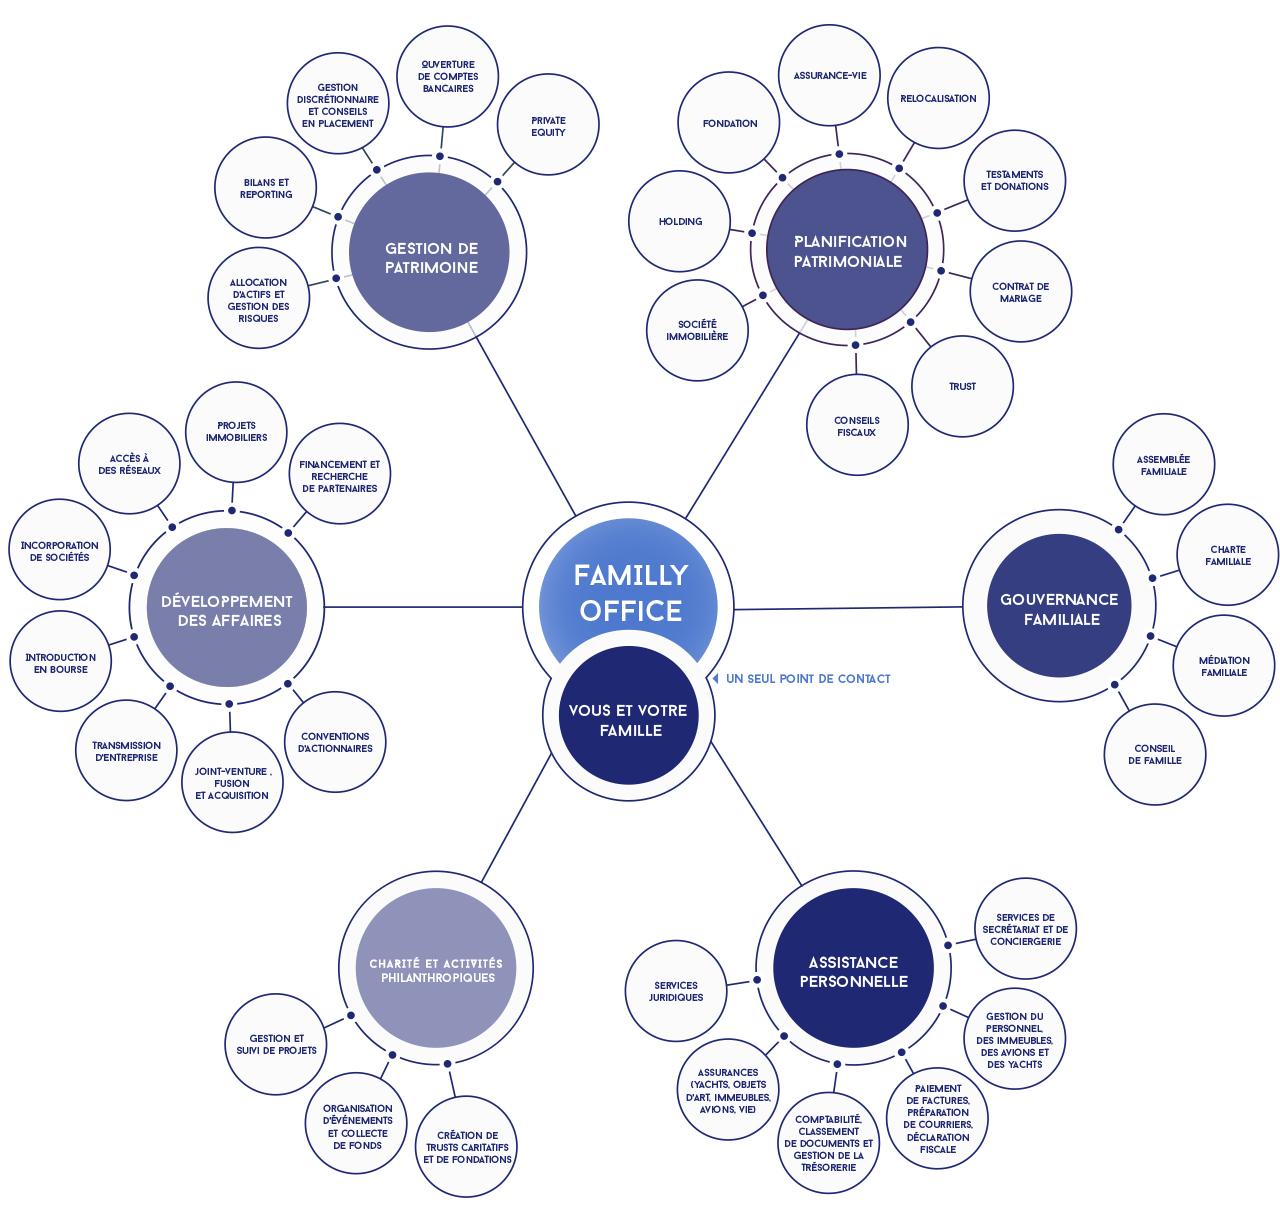 Les services de family office regroupent une très large palette de domaines différents allant de la gestion de fortune aux conseils juridiques en passant par la philanthropie et les services de conciergerie.